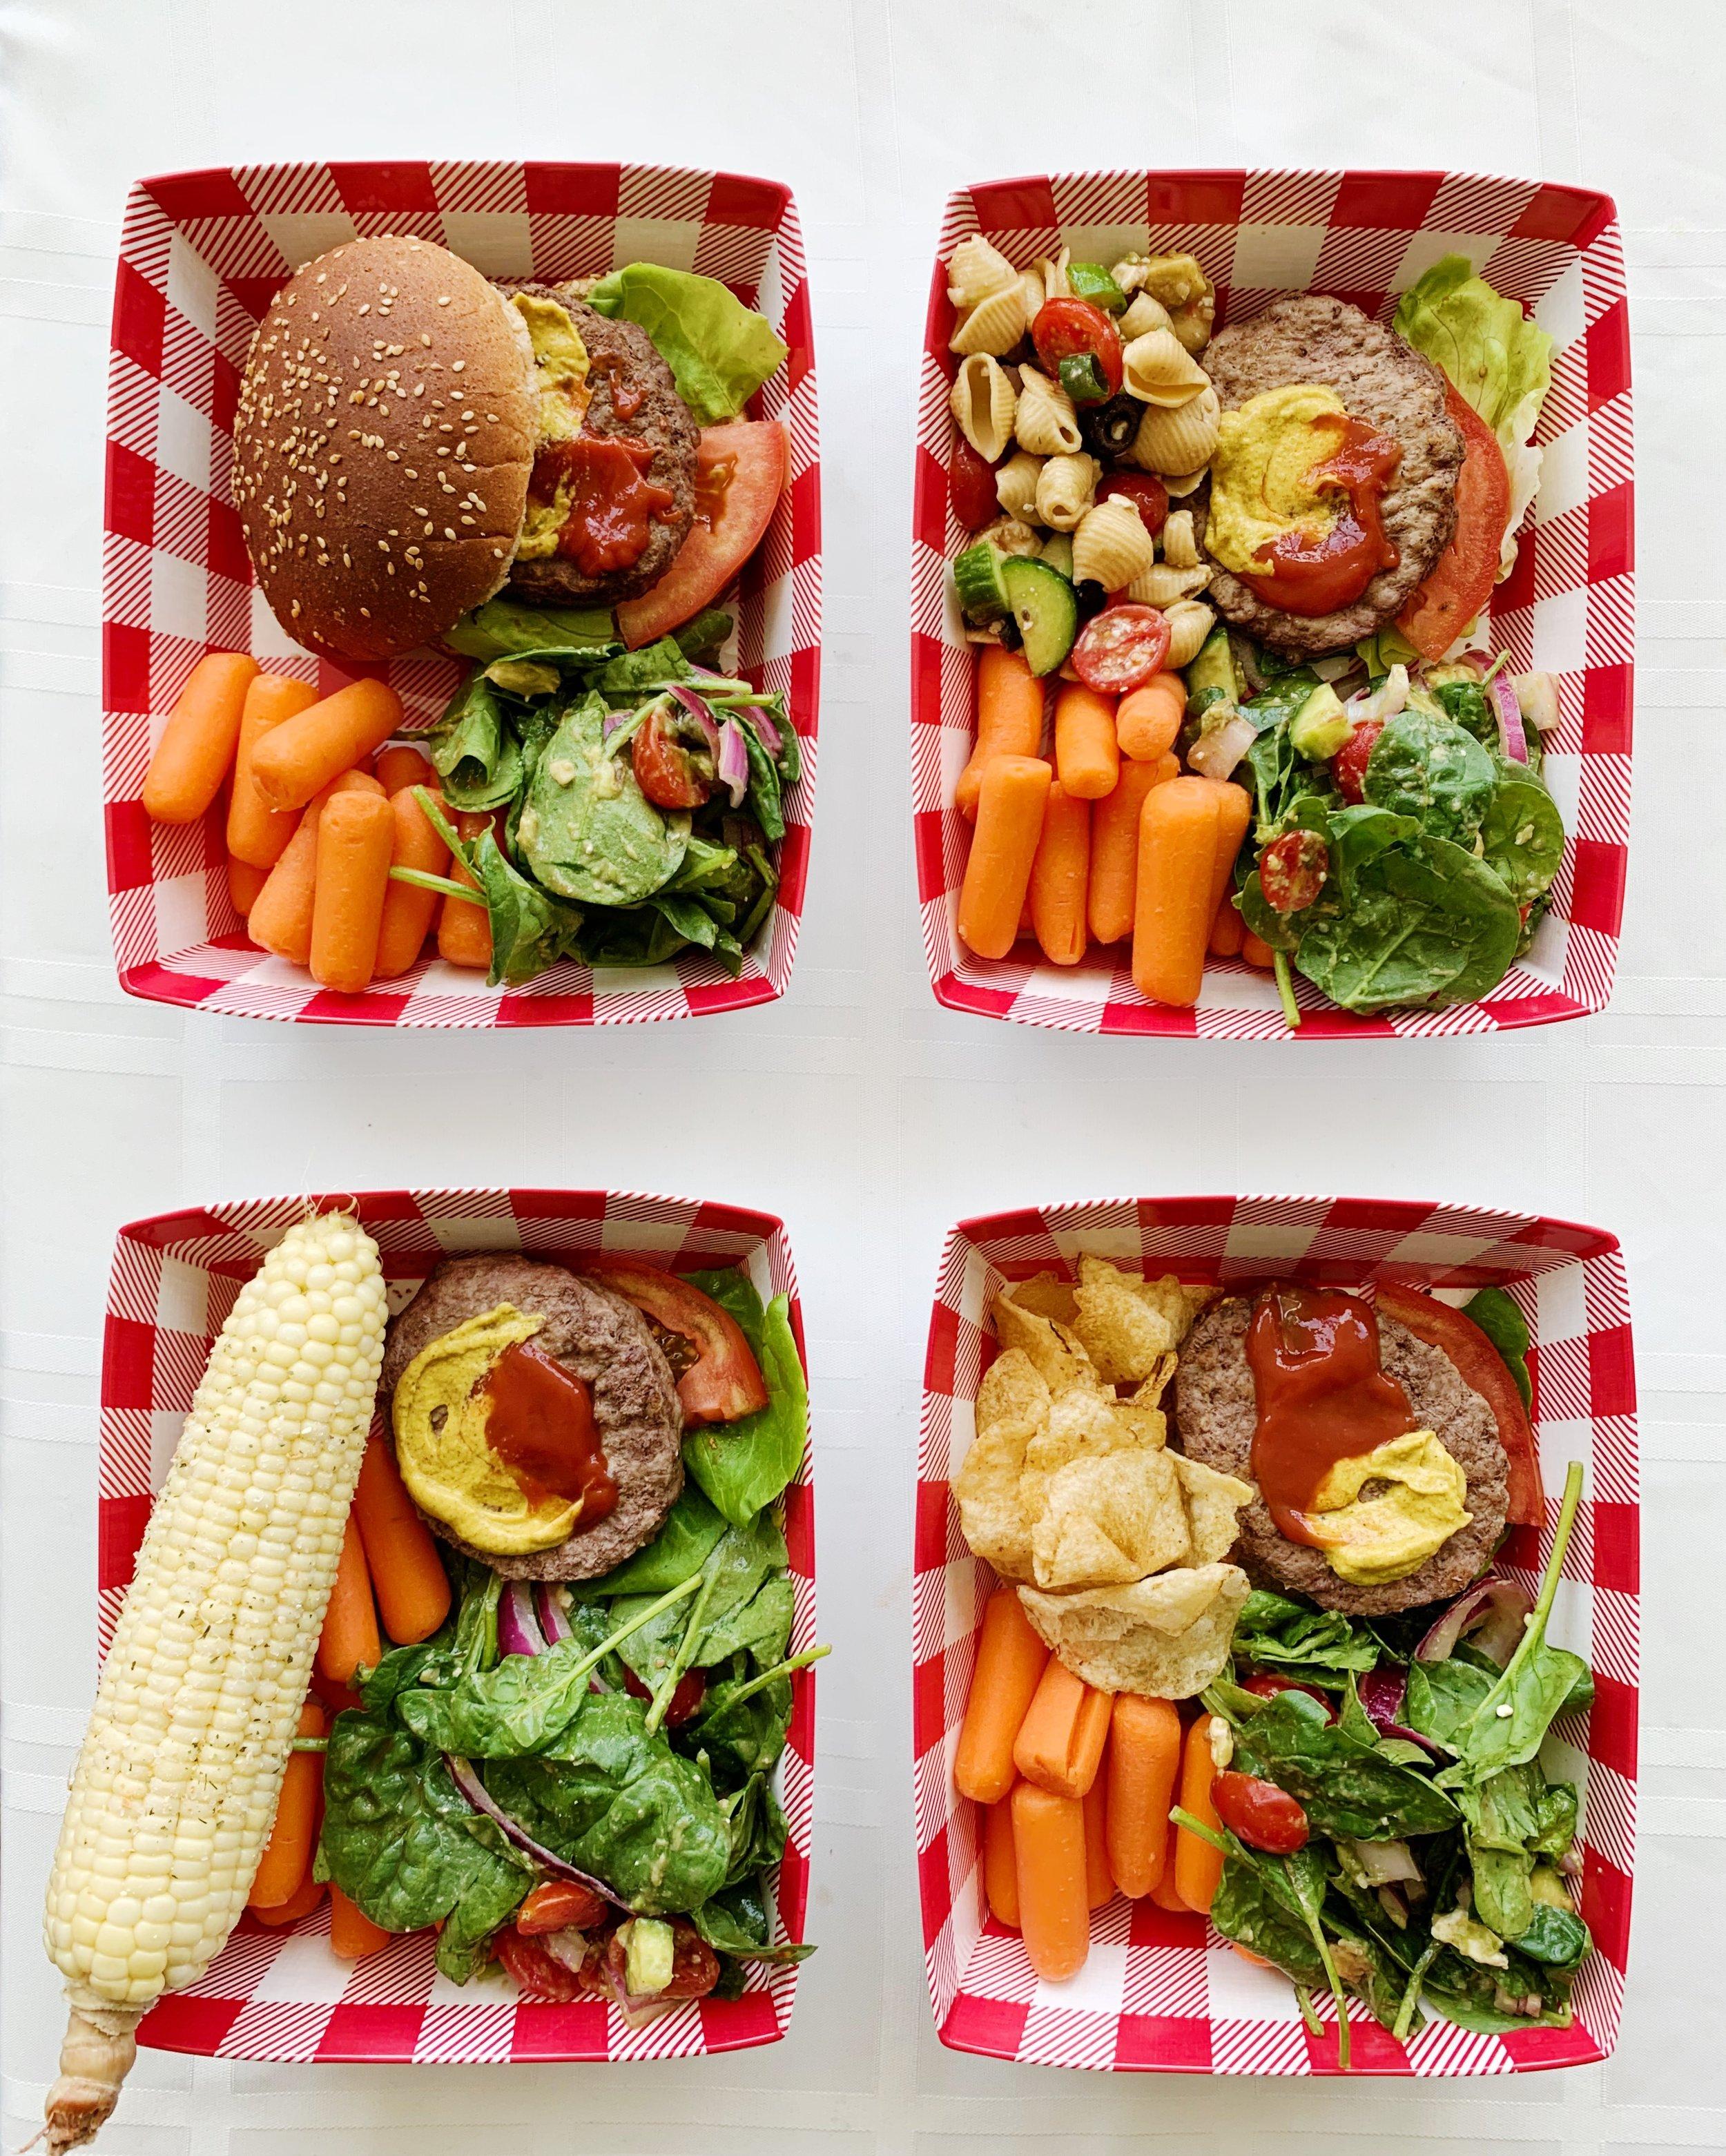 bbq 1 starch per day college nutritionist.JPG